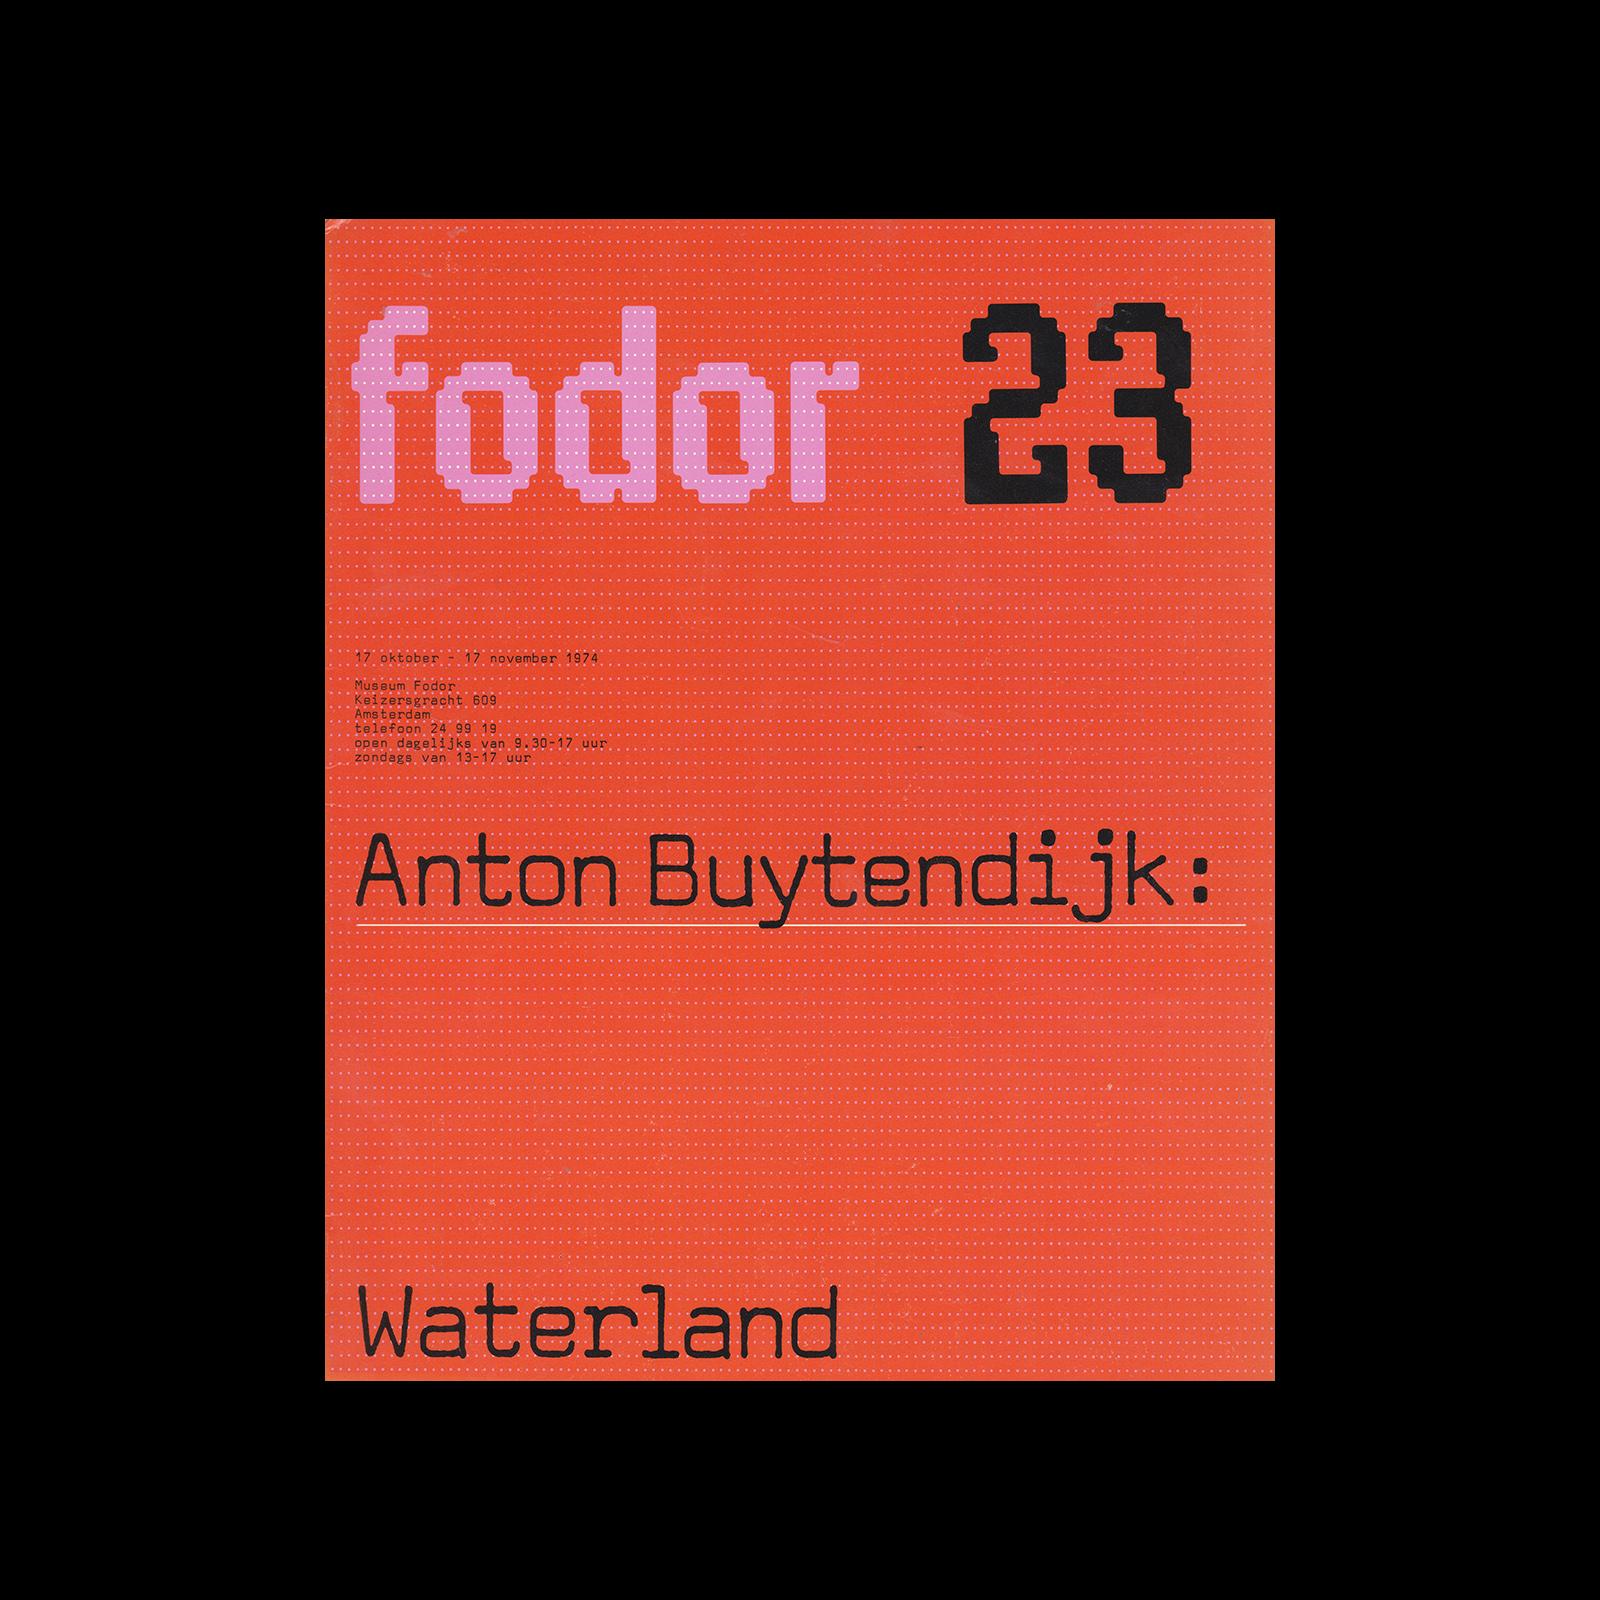 Fodor 23, 1974 - Anton Buytendijk, Waterland. Designed by Wim Crouwel and Daphne Duijvelshoff (Total Design)